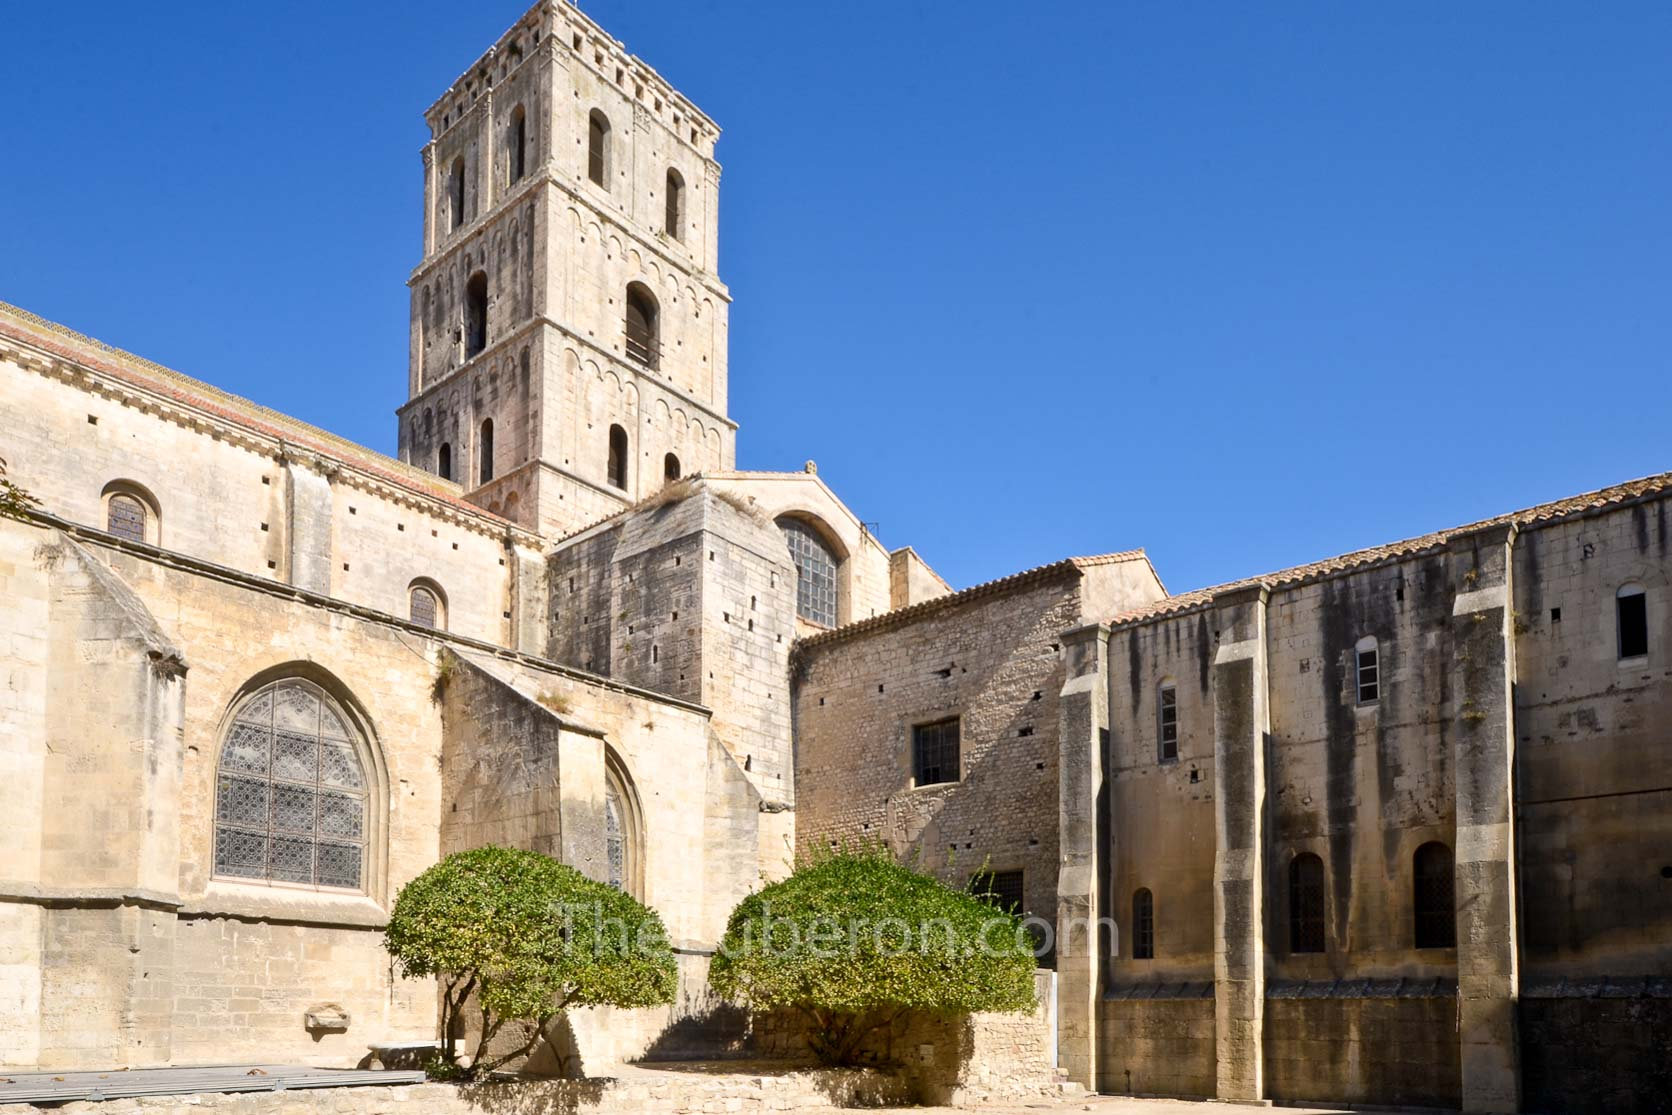 St Trophime church in Arles